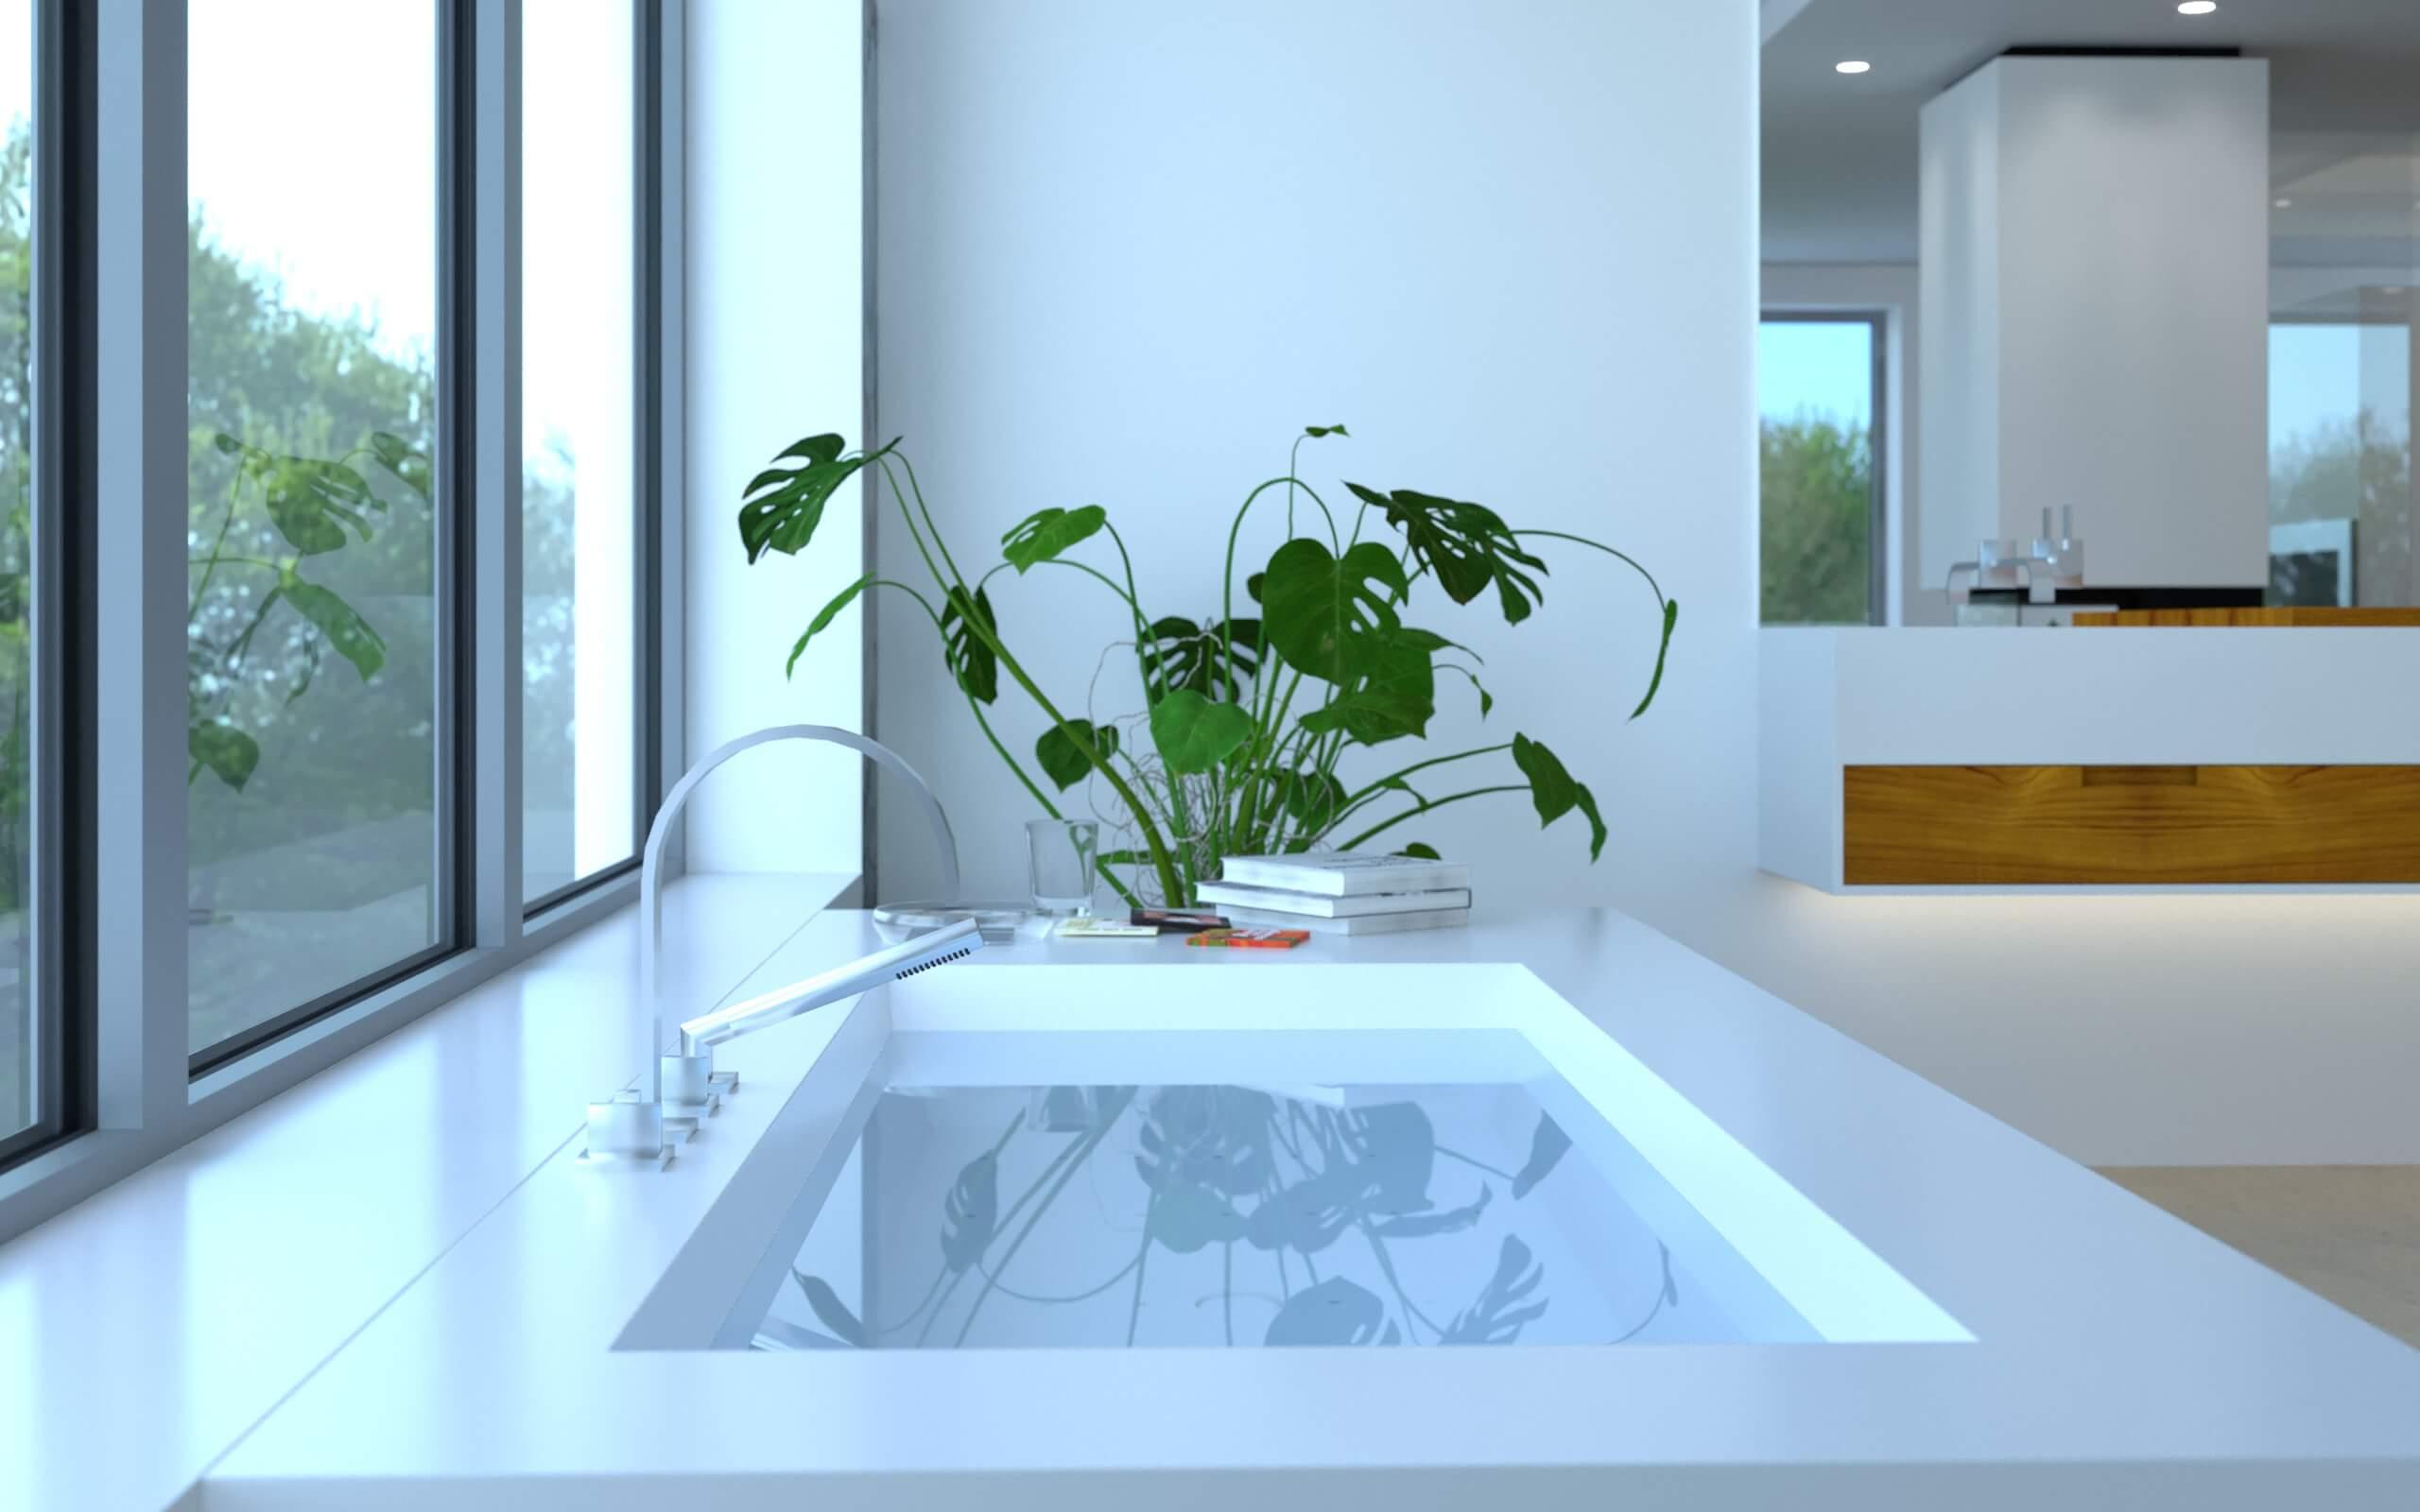 SPADESIGN Unser Spa-Design vereint gehobene Architektur und durchdachte Funktionalität der Komponenten, überrascht mit edlem bis exklusiven Farb- und Licht-Design, bietet sinnliche Harmonie und Balance, vitalisiert und unterstützt die Regeneration in jeder Beziehung. So wie zeitloses Spa-Design sein soll.